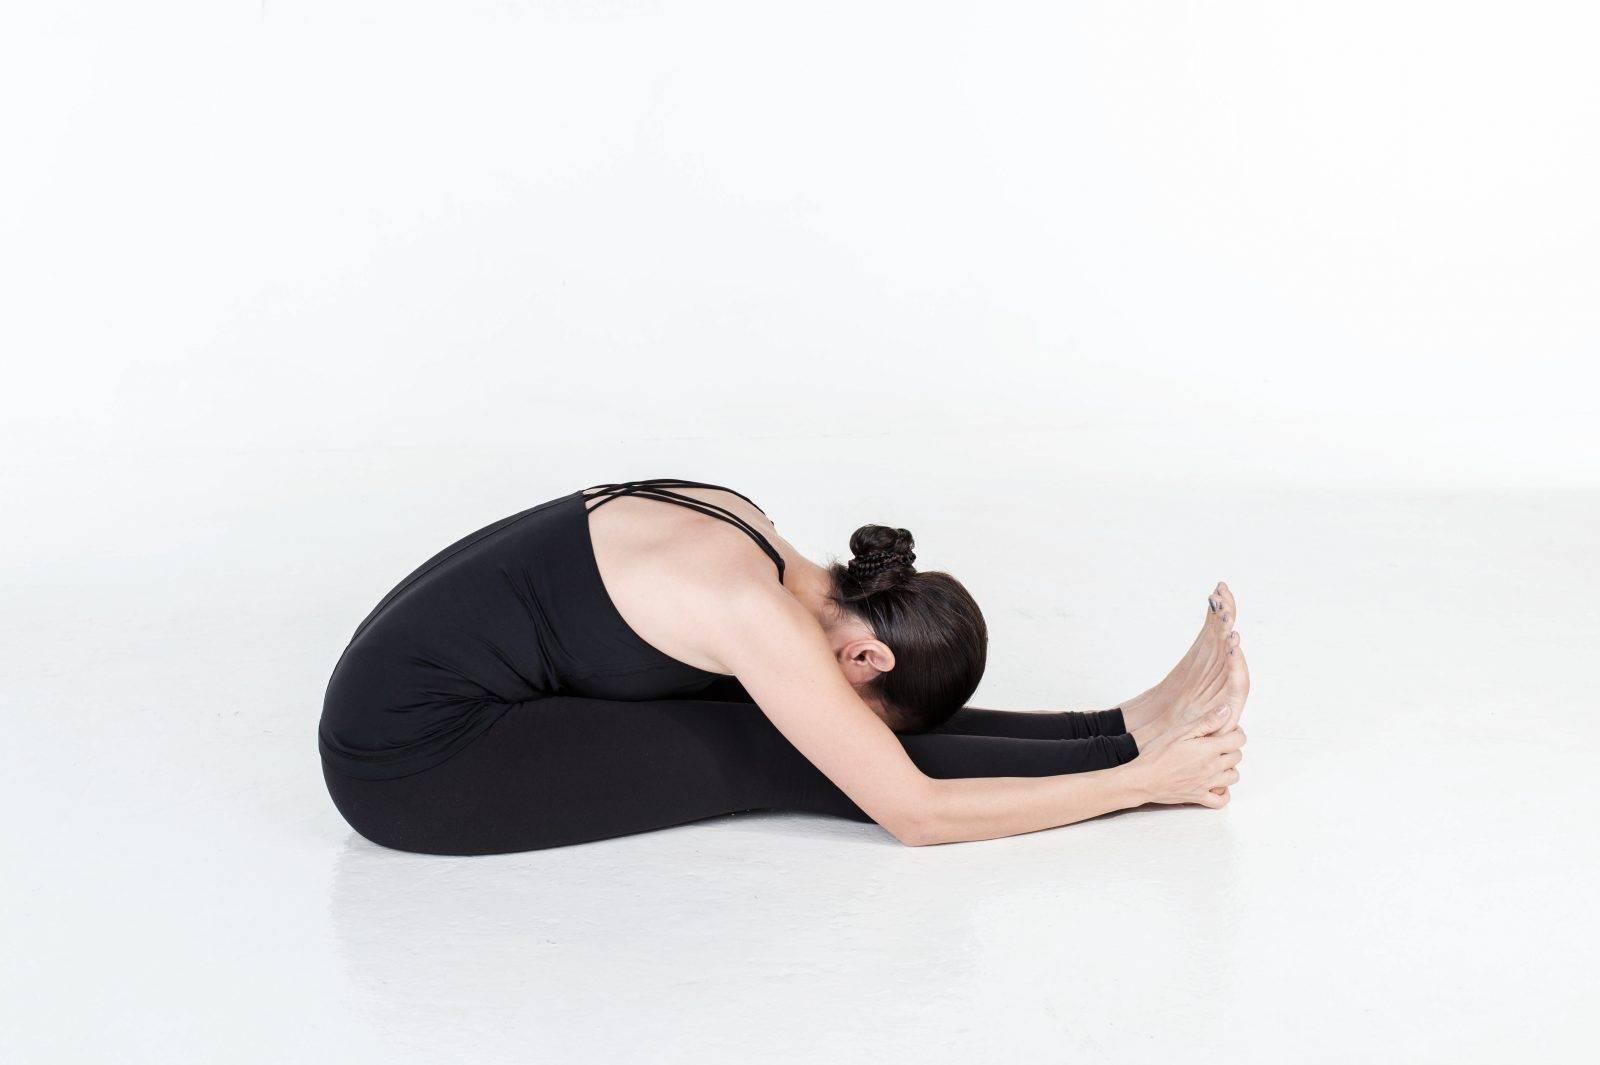 Пашчимоттанасана — поза растягивания спины